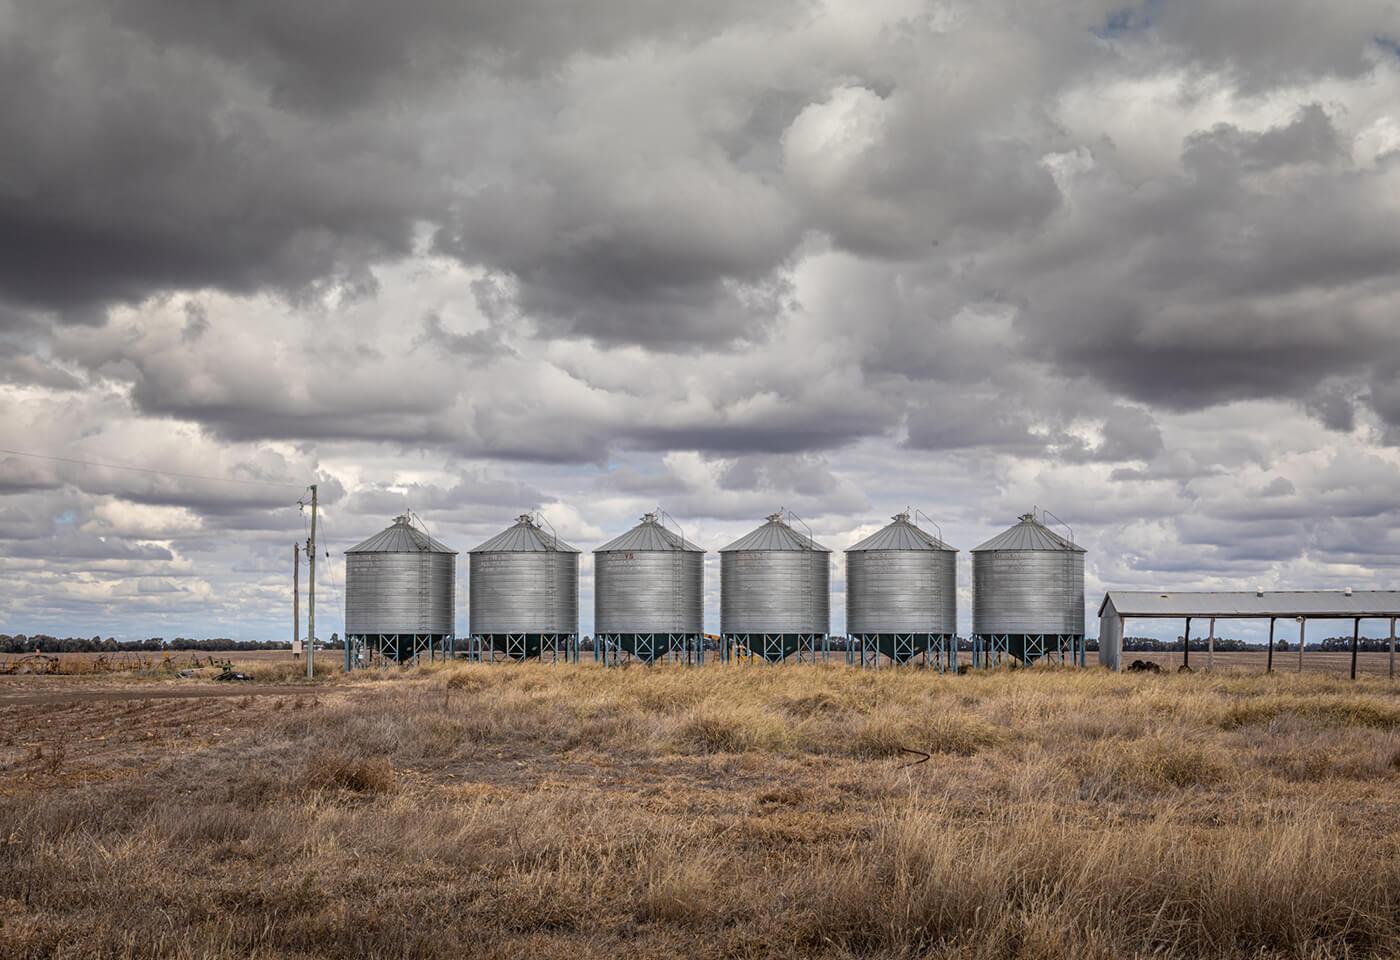 Water tanks in a farm by Greg Sullavan